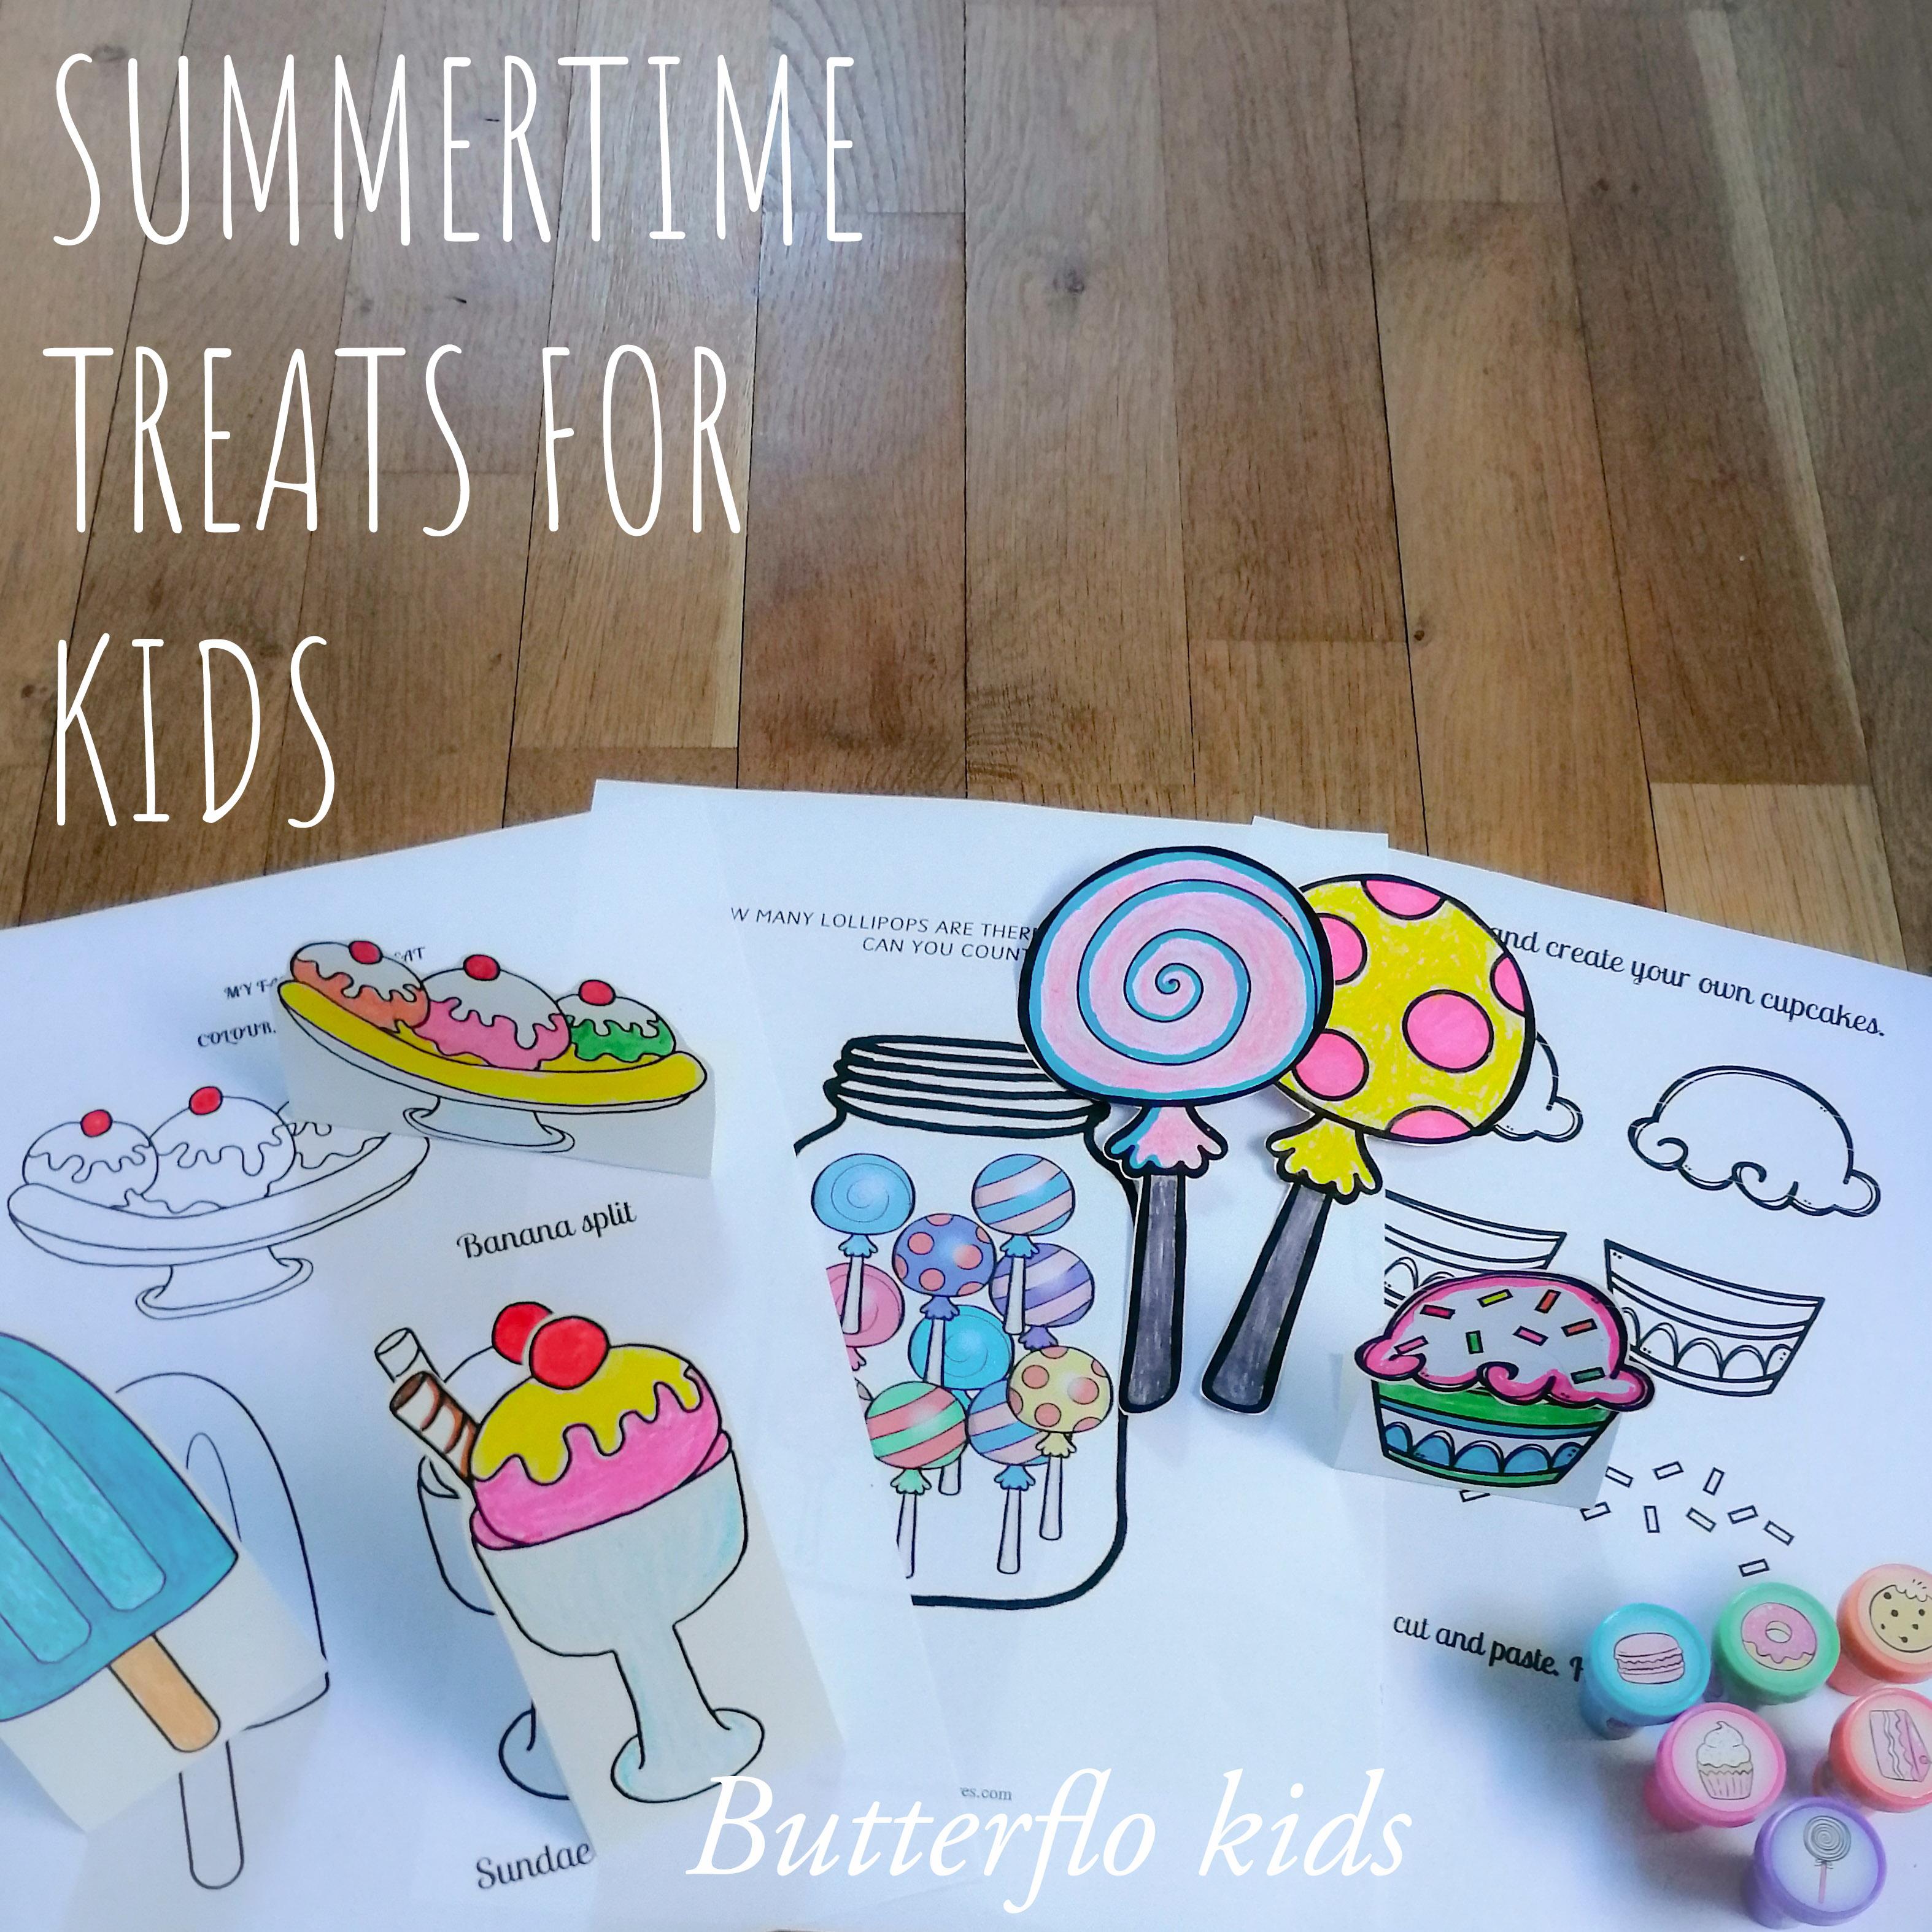 SUMMERTIME TREATS FOR KIDS